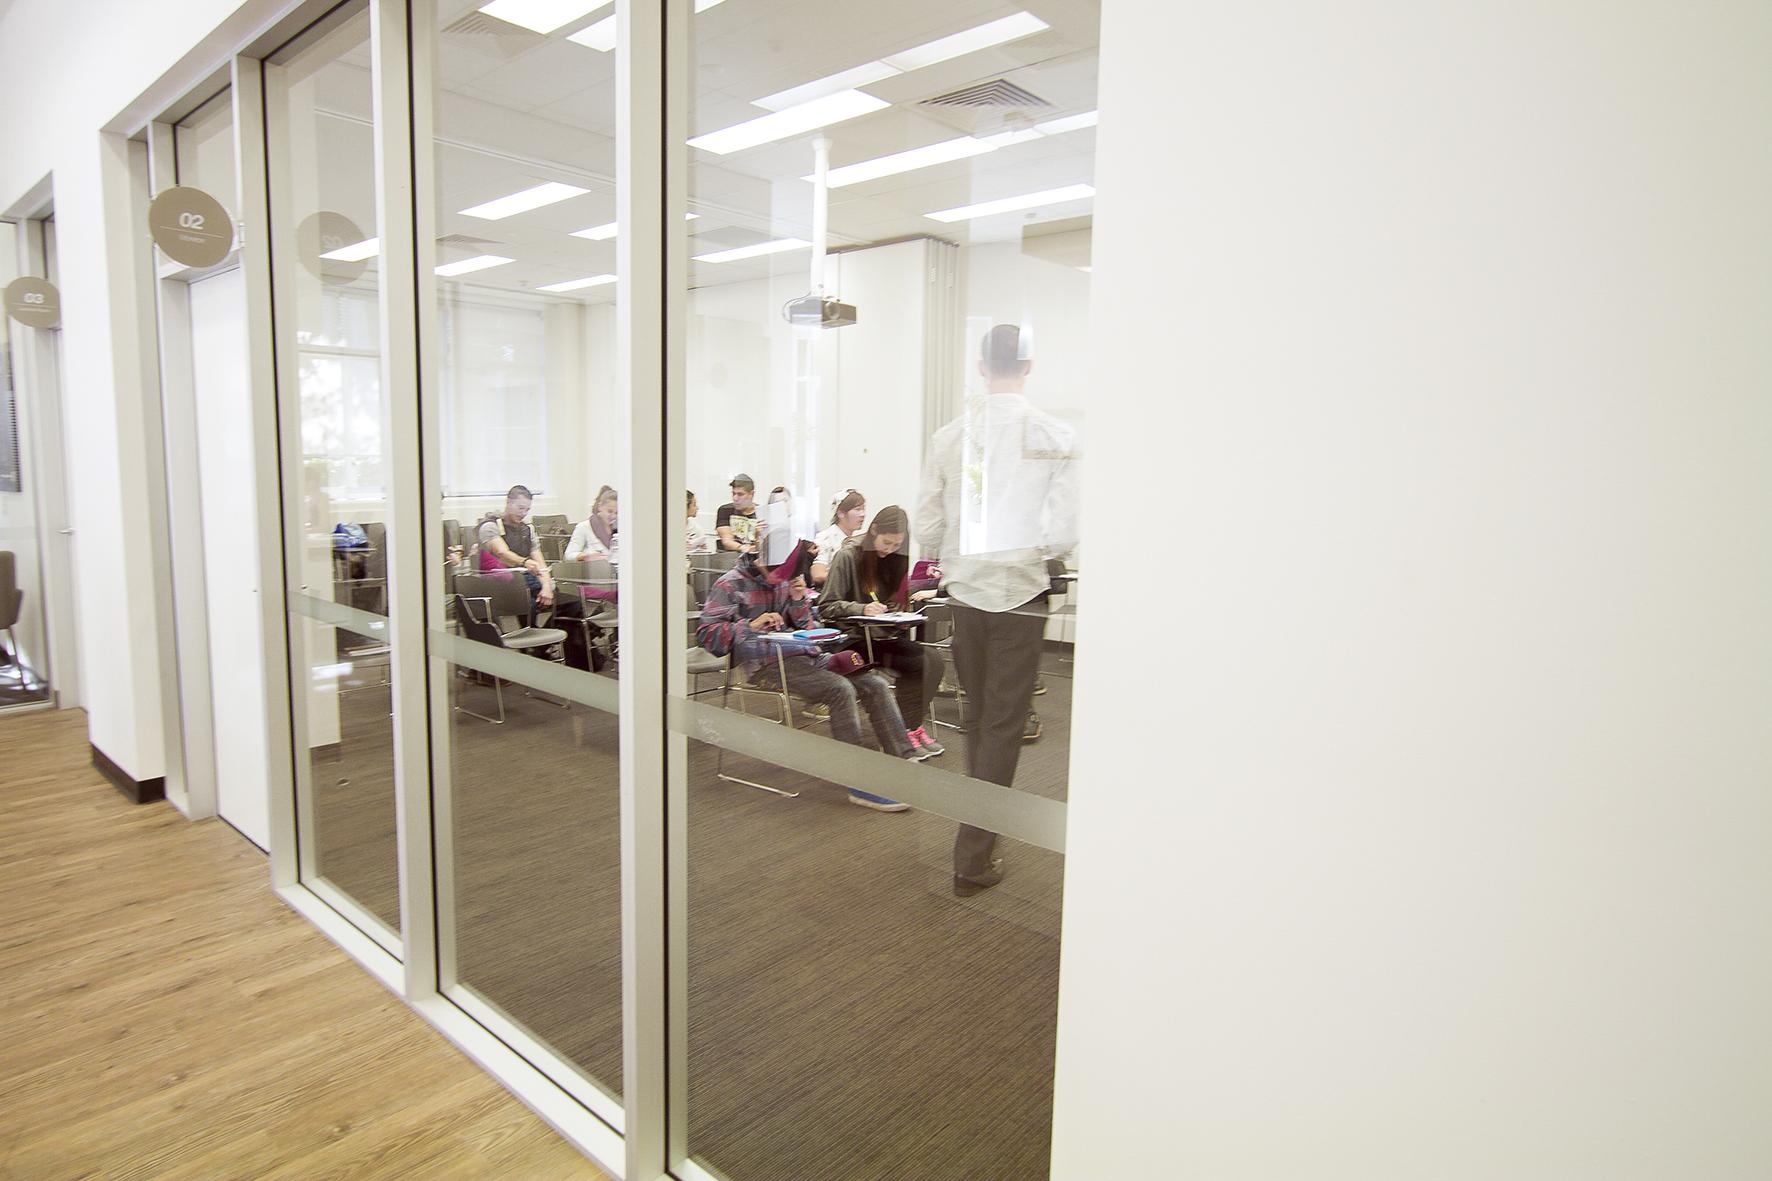 EFパース校の広々とした教室で学ぼう